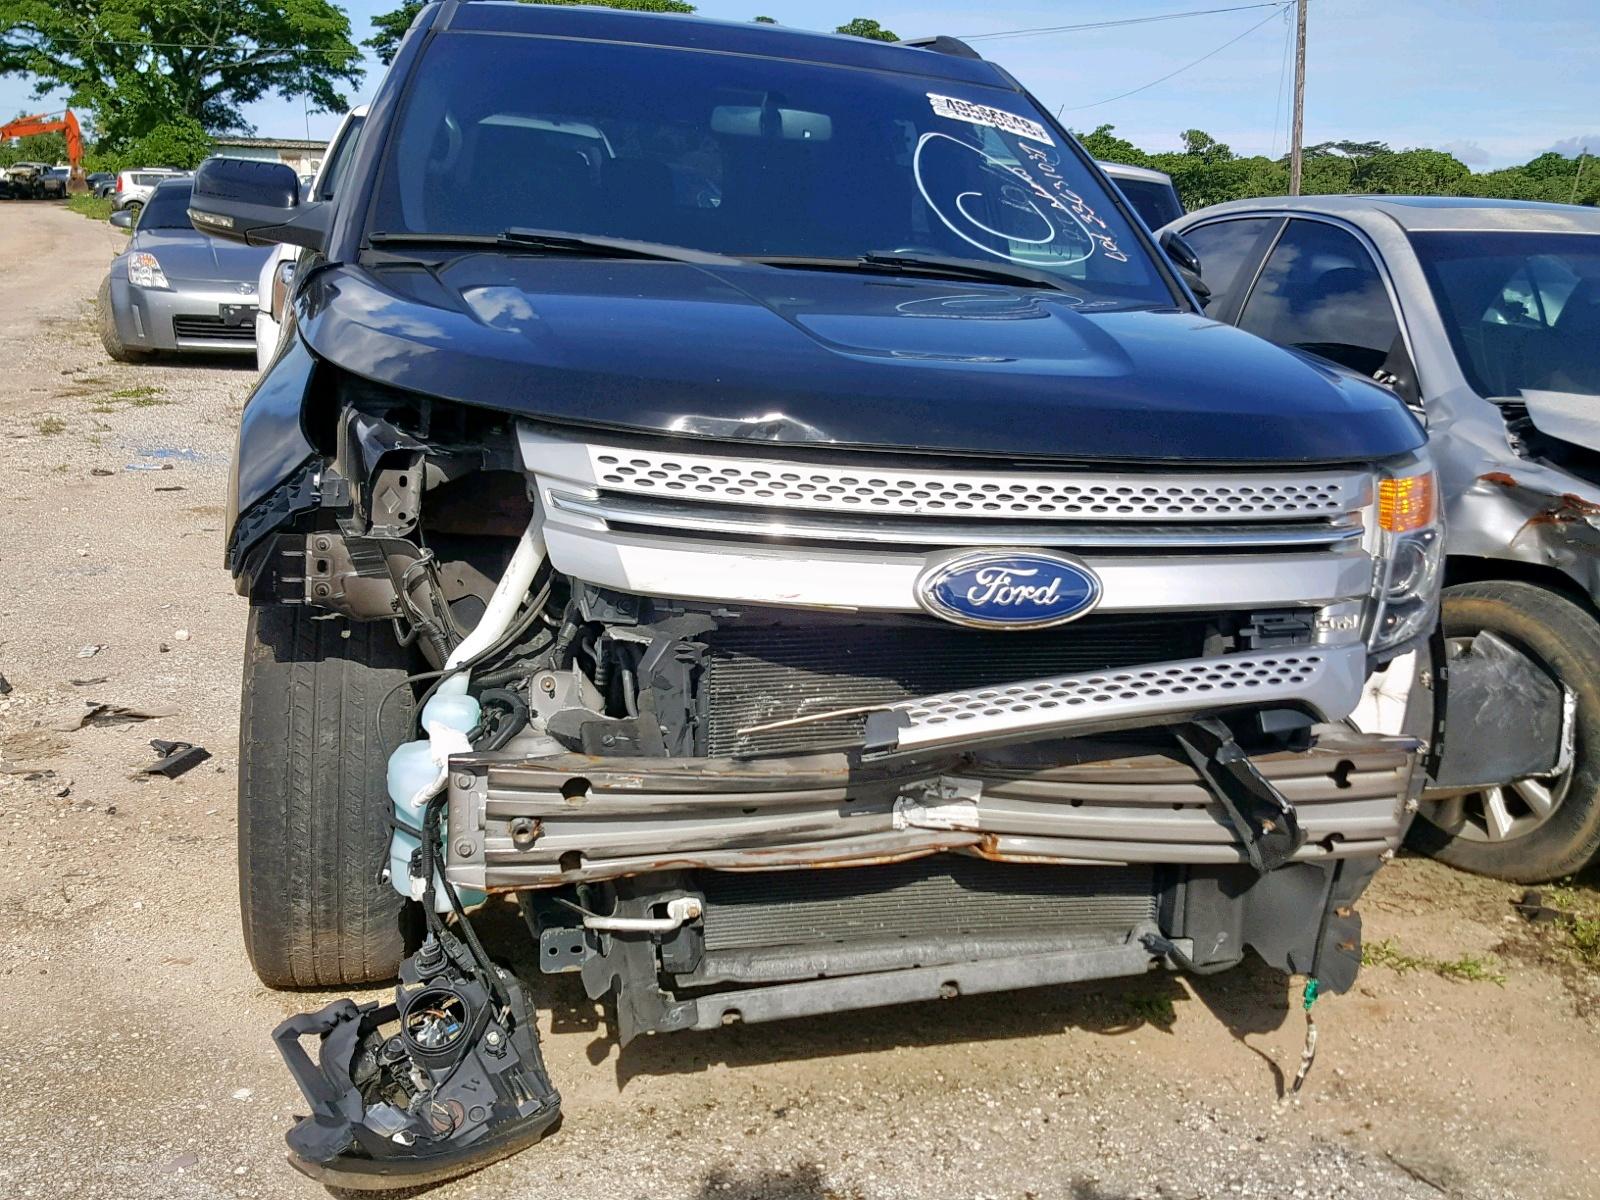 1FMHK7D85CGA54259 - 2012 Ford Explorer X 3.5L